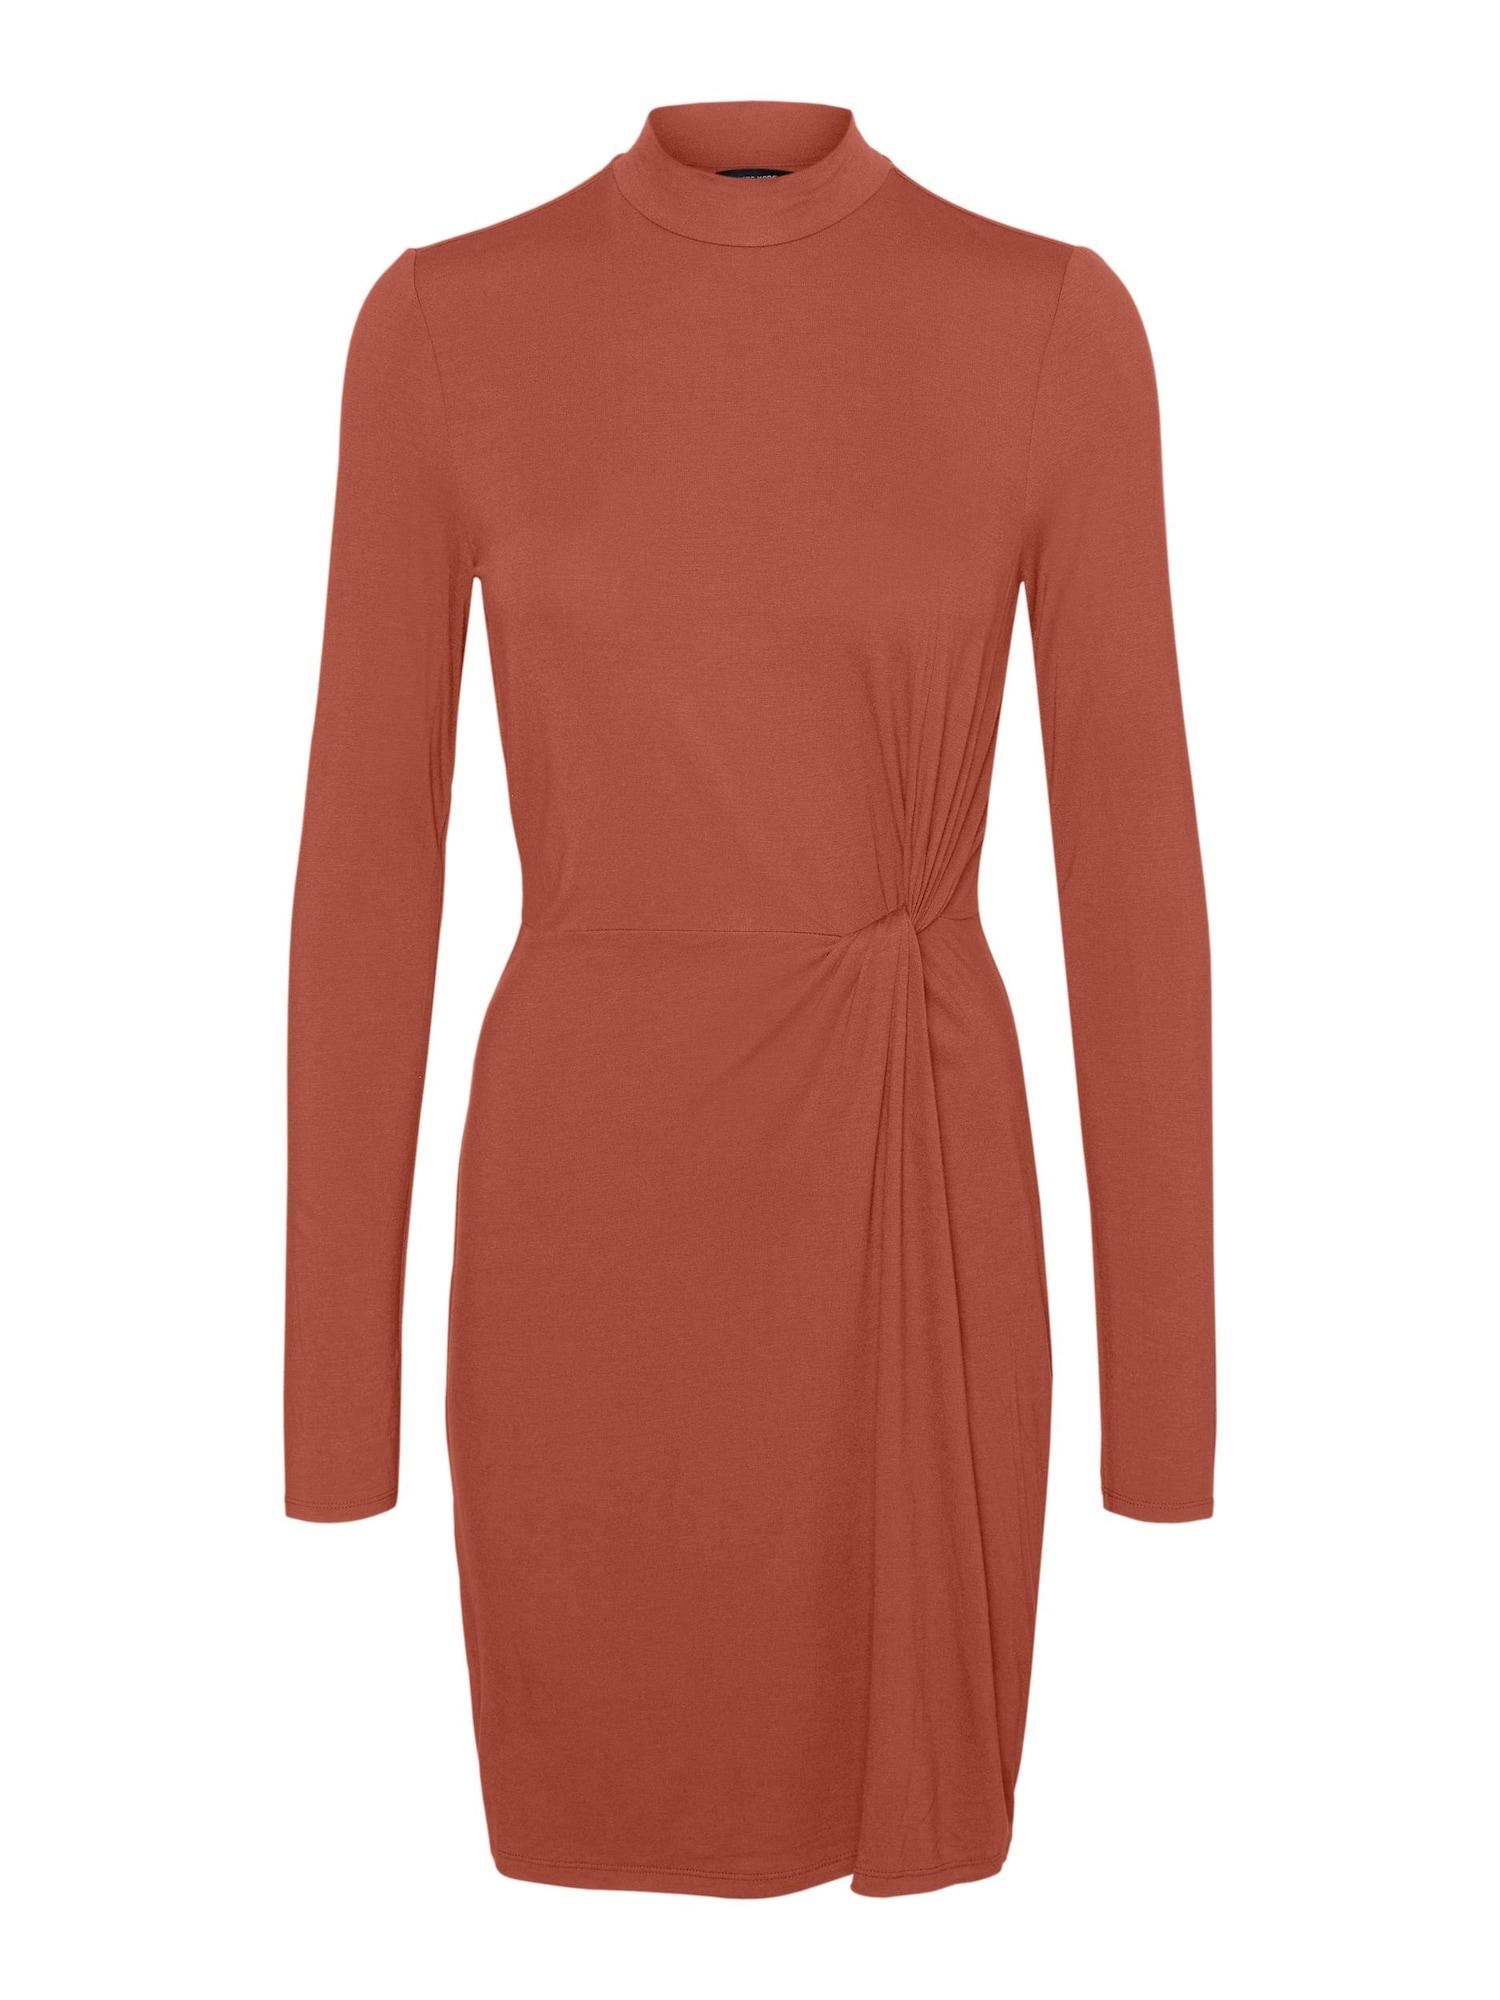 Vero Moda Tall Suknelė tamsiai oranžinė